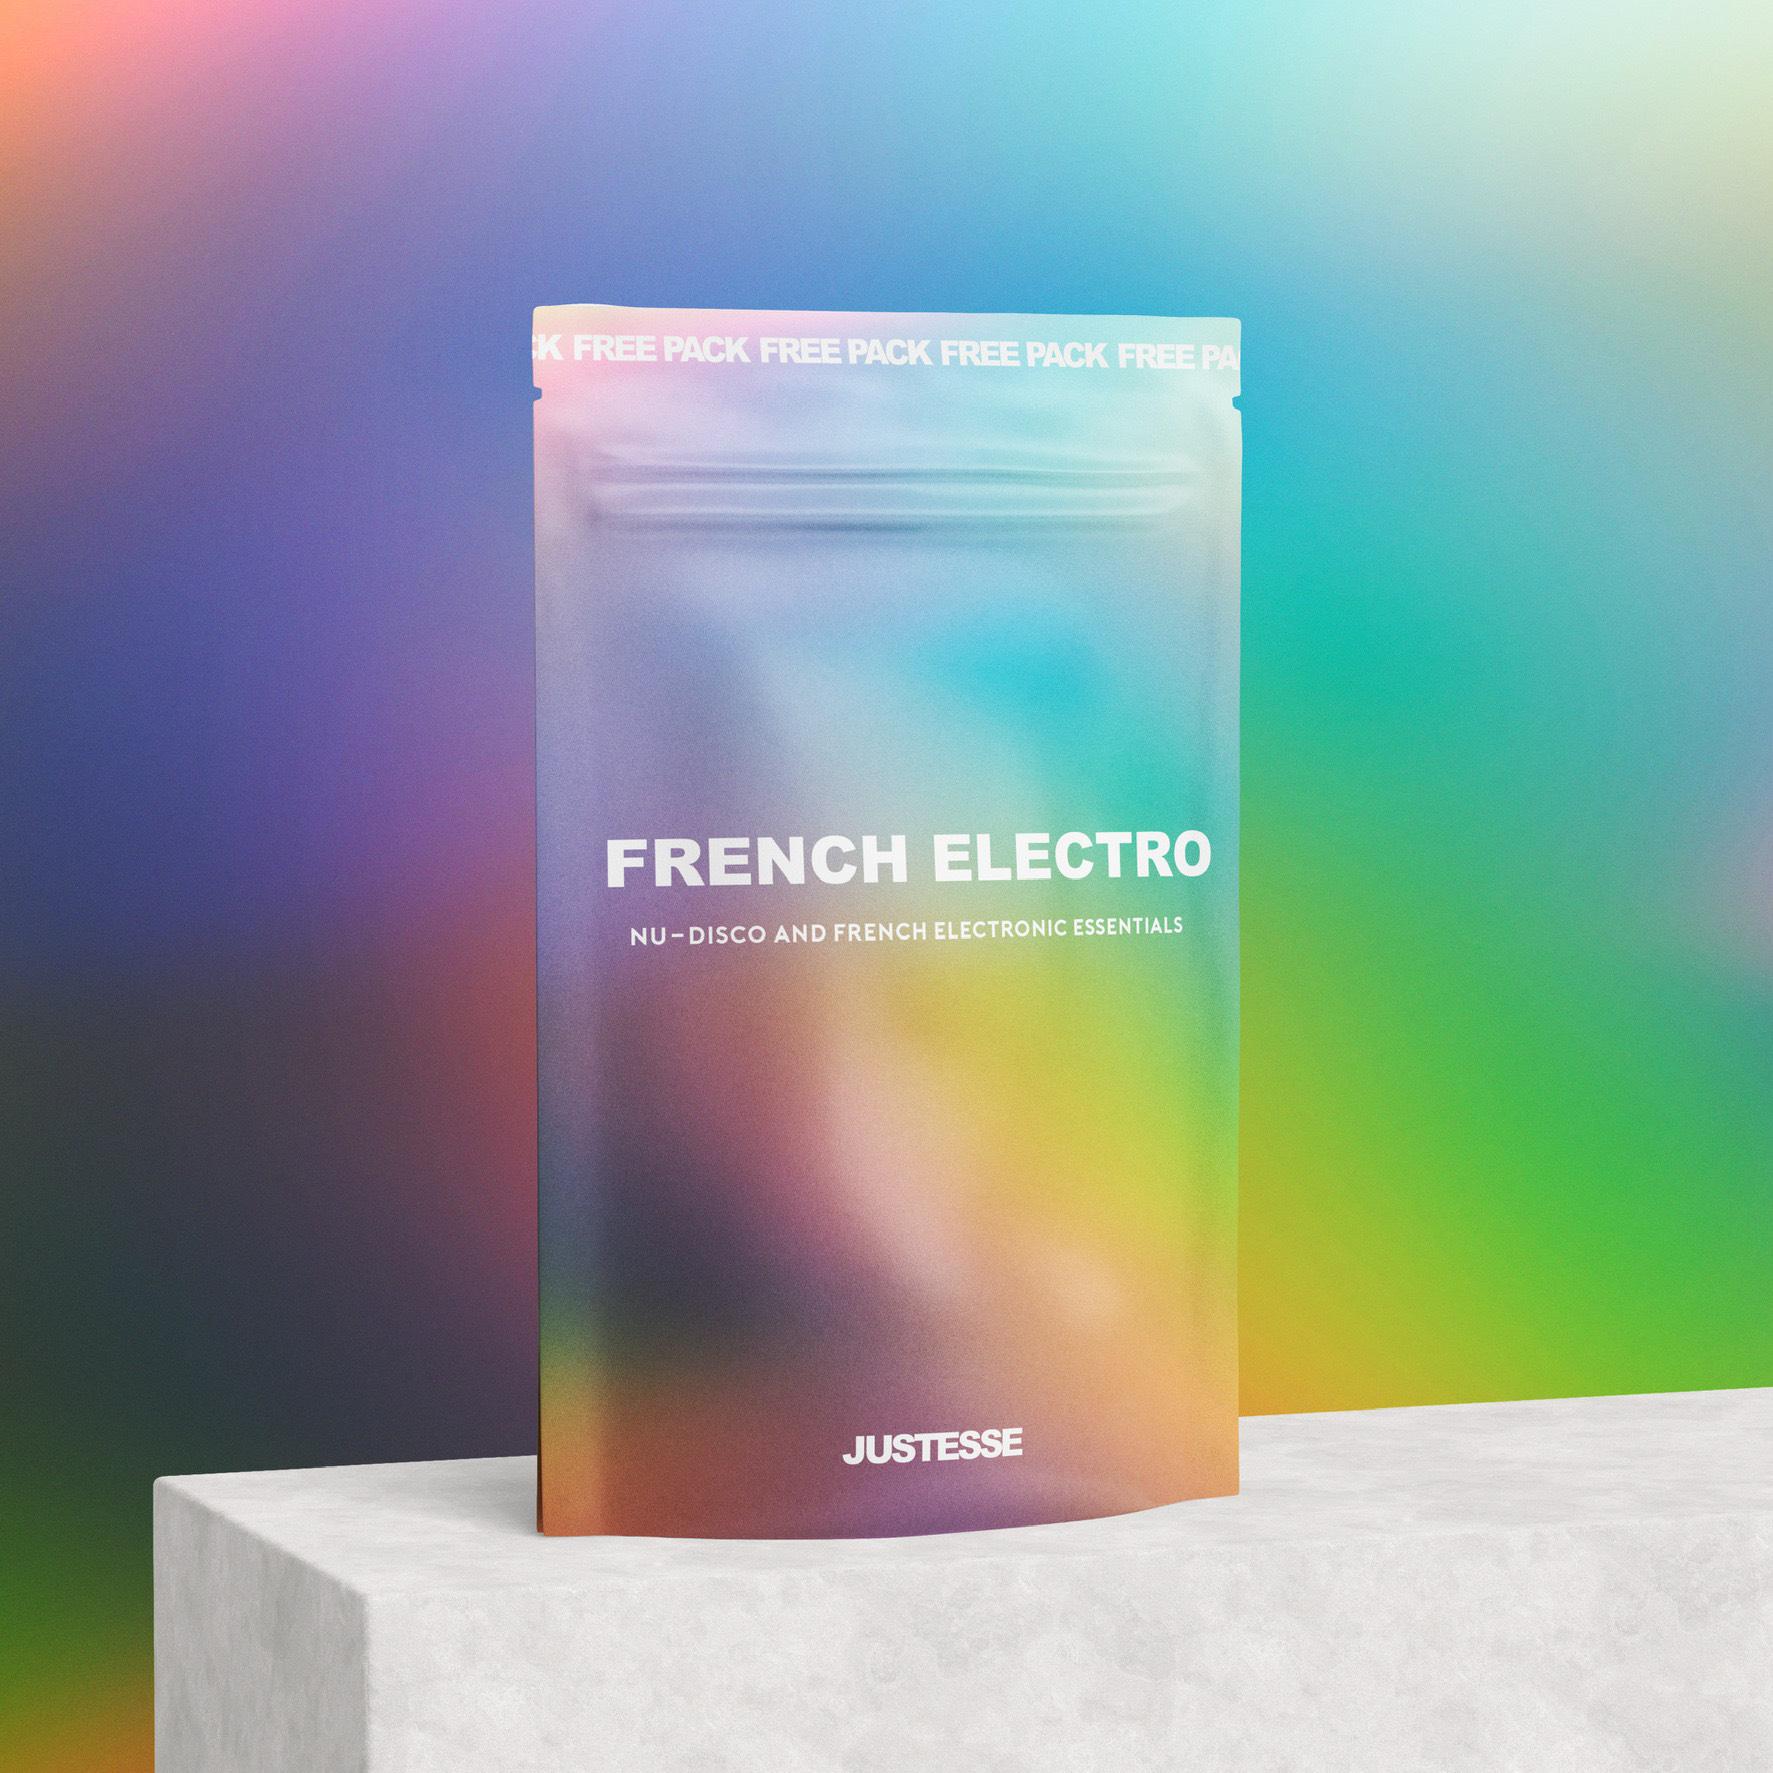 Pack de Sample Justesse - French Electro gratuit (Dématérialisé)